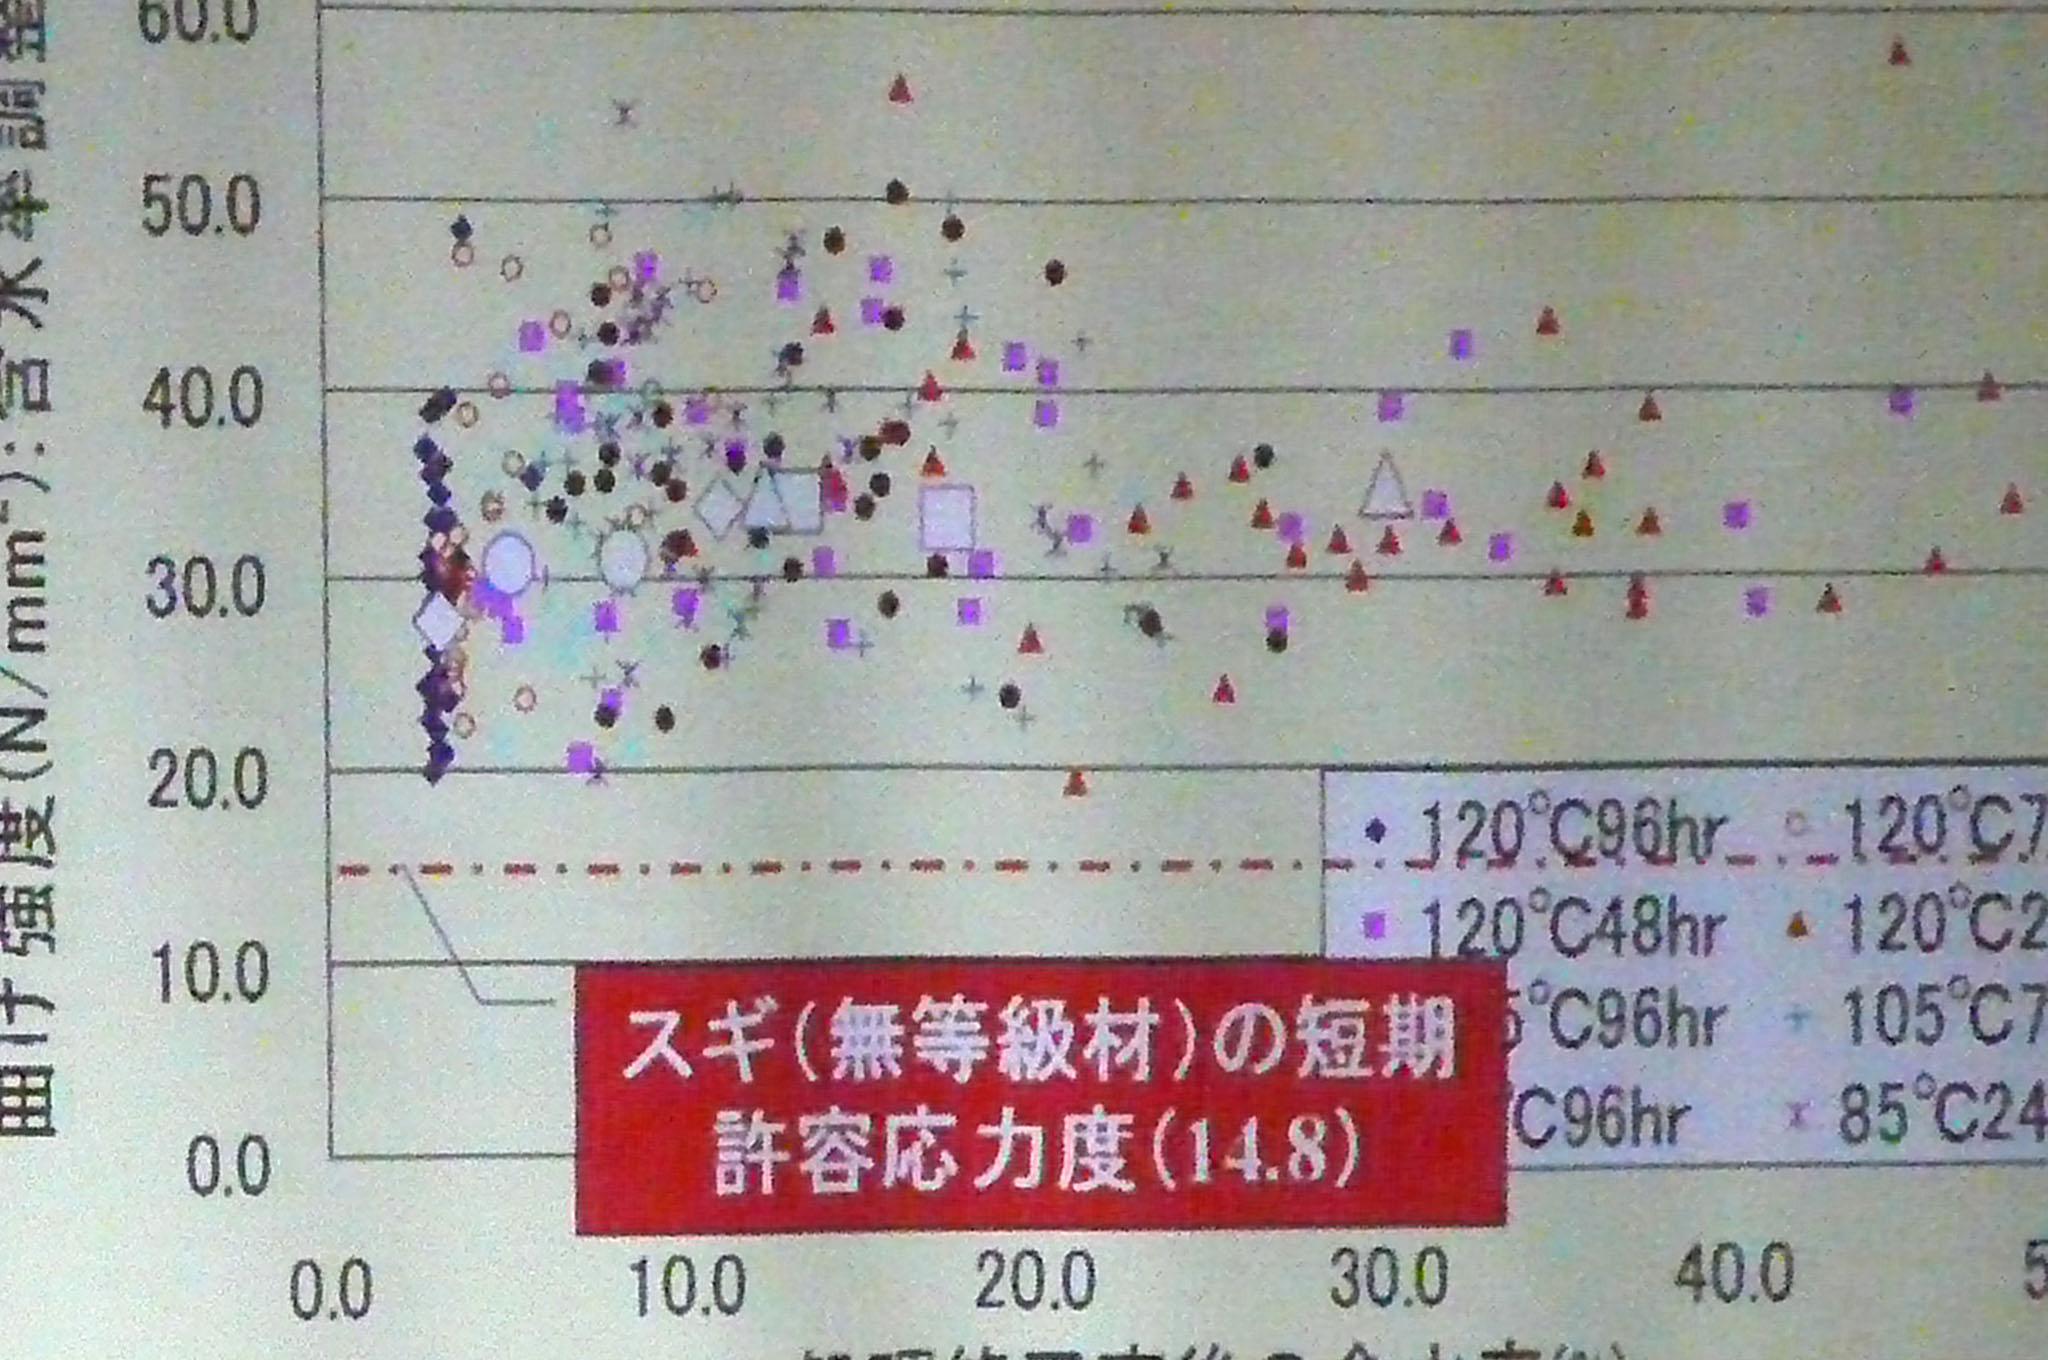 高温低湿乾燥と強度 2 岡崎泰男准教授_e0054299_1221917.jpg